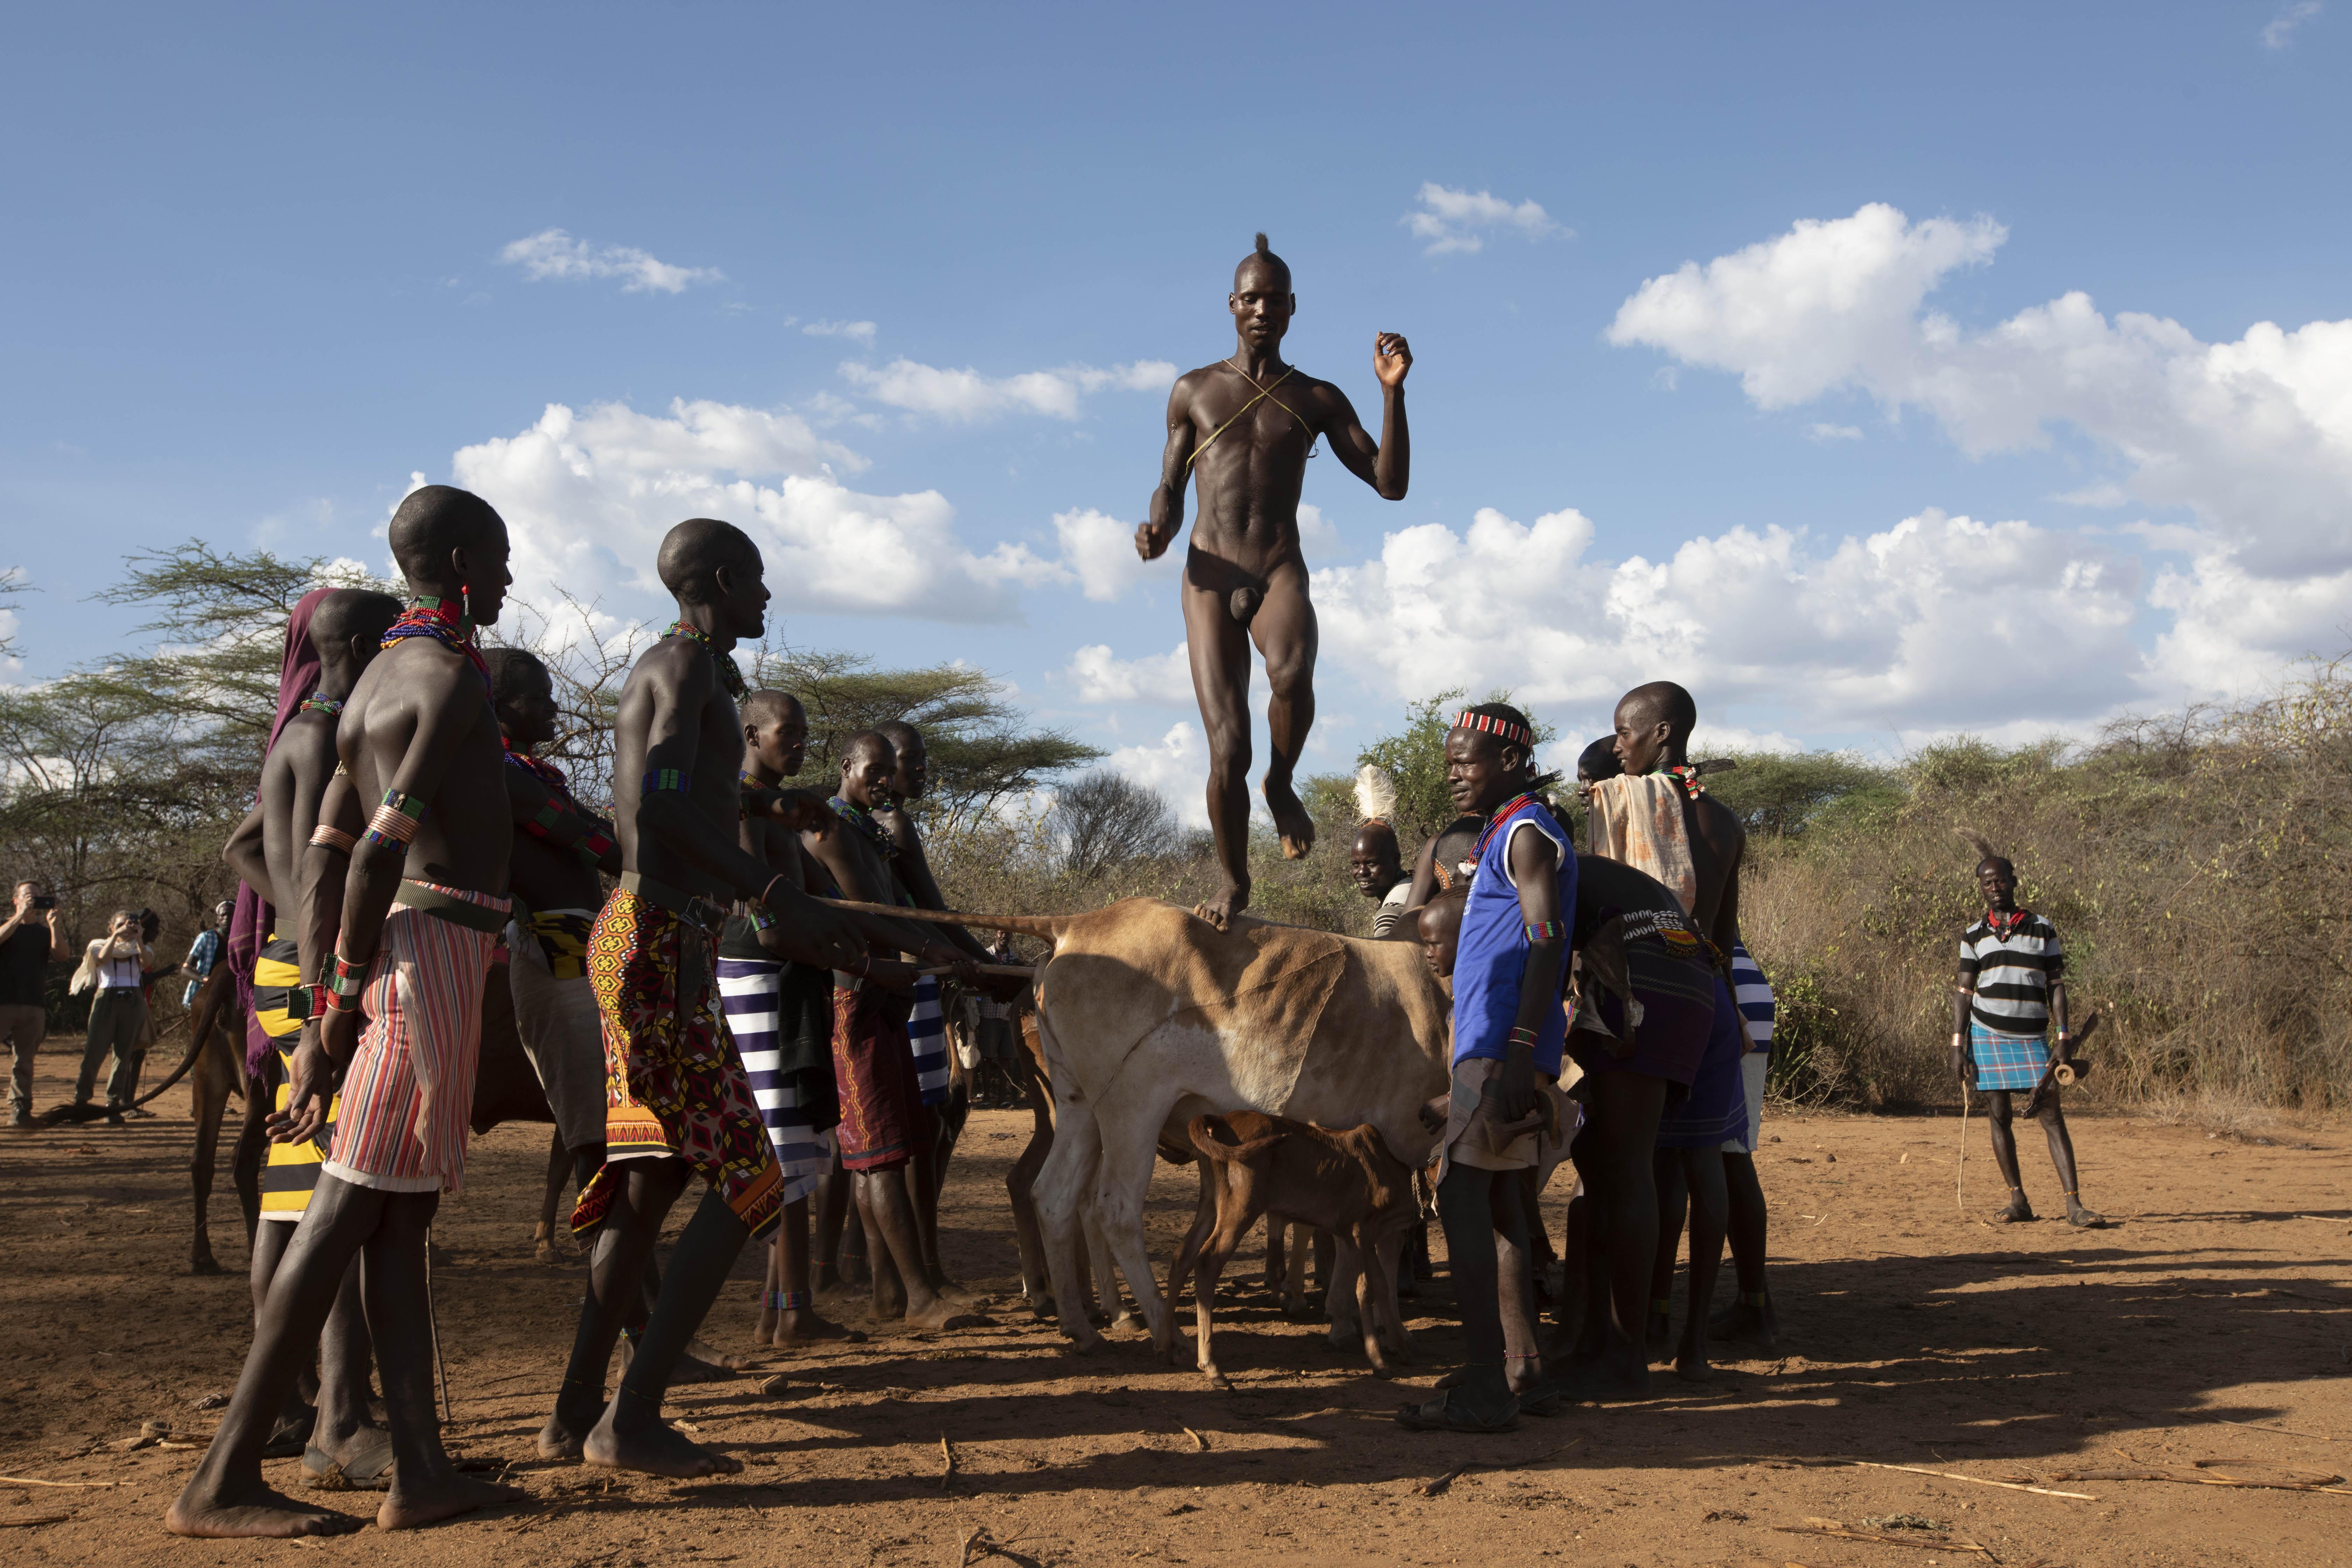 С АВТОМАТАМИ В РАЮ: путешественник Евгений Рафаловский побывал в Эфиопии, где прыгают через быков и меняют коров на автоматы Калашникова